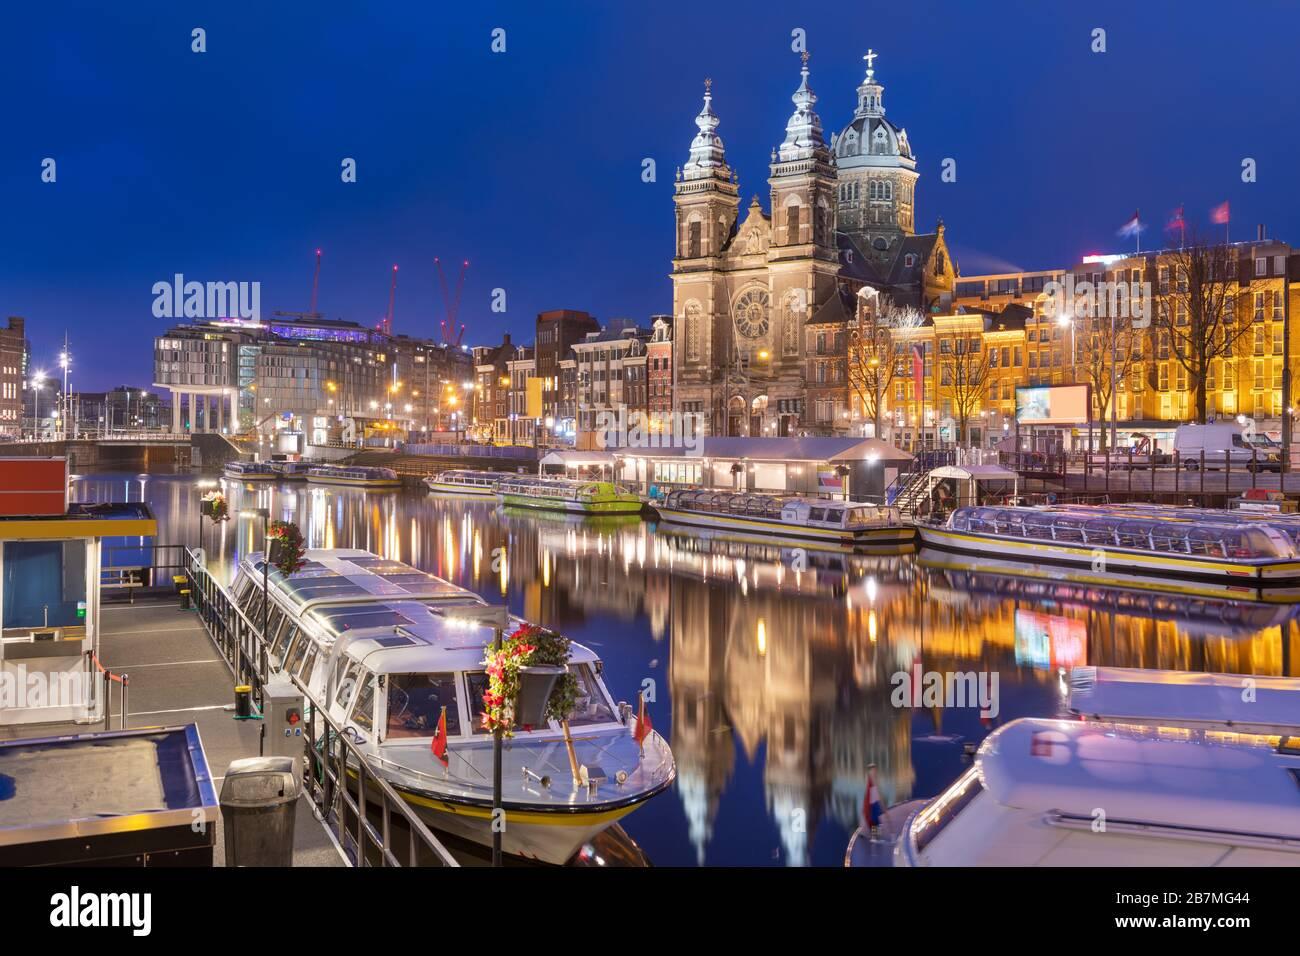 Amsterdam, Niederlande, Kanalszene in der Nacht mit der Basilika Sankt Nikolaus und Flussbooten. Stockfoto